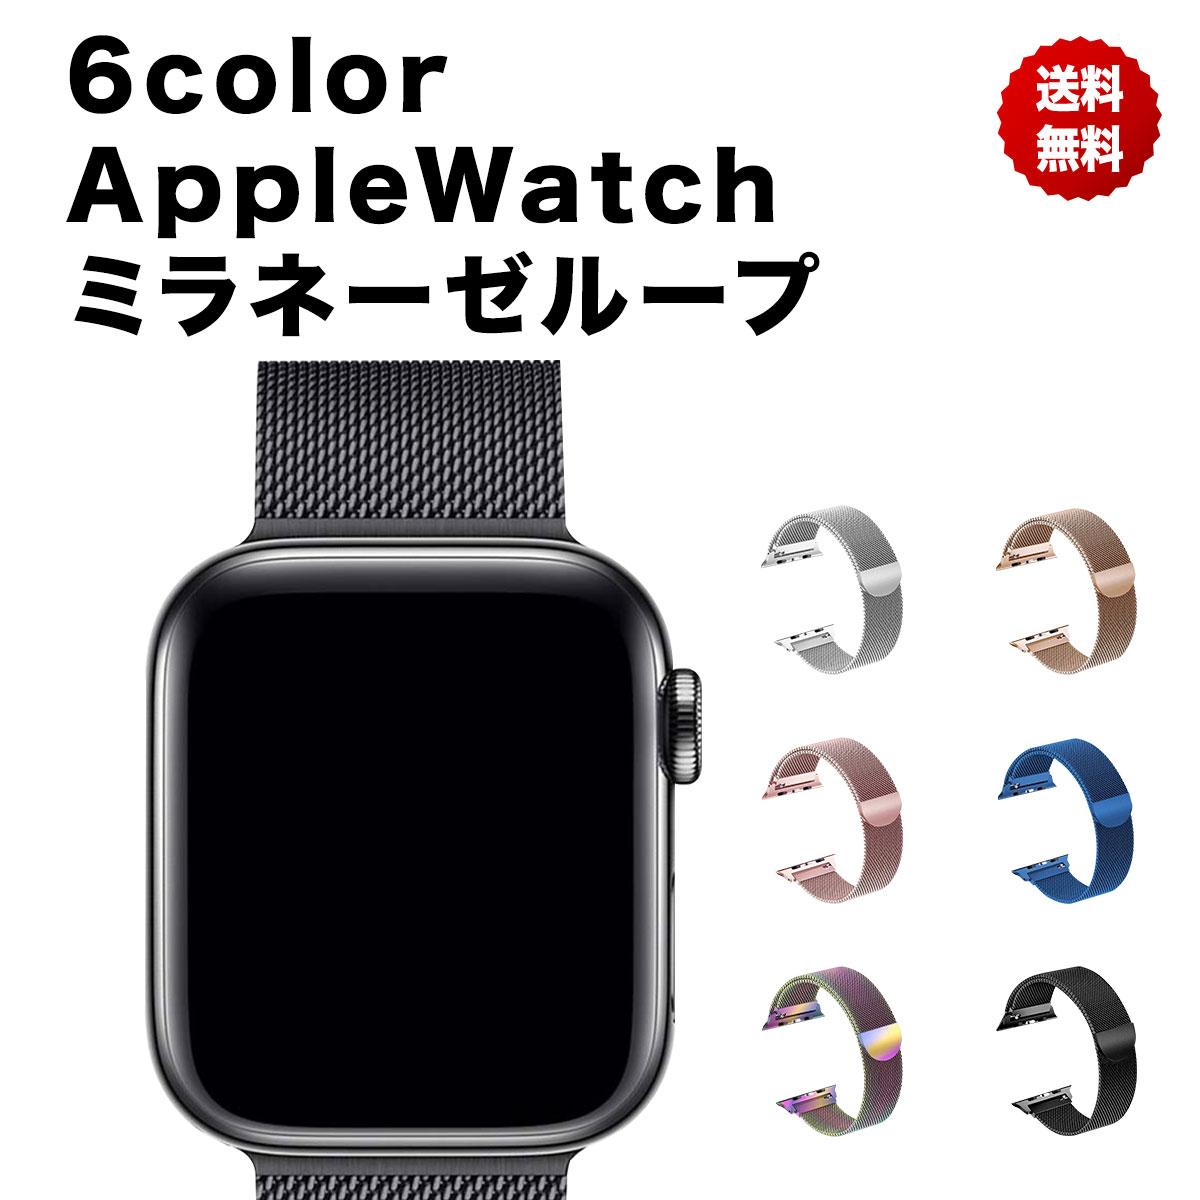 アップルウォッチ Applewatch バンド ミラネーゼループ 送料無料 メンズ レディース series 6 SE 5 4 2 40mm かわいい 42mm 44mm 即納最大半額 38mm おしゃれ ステンレス 3 ブランド品 1